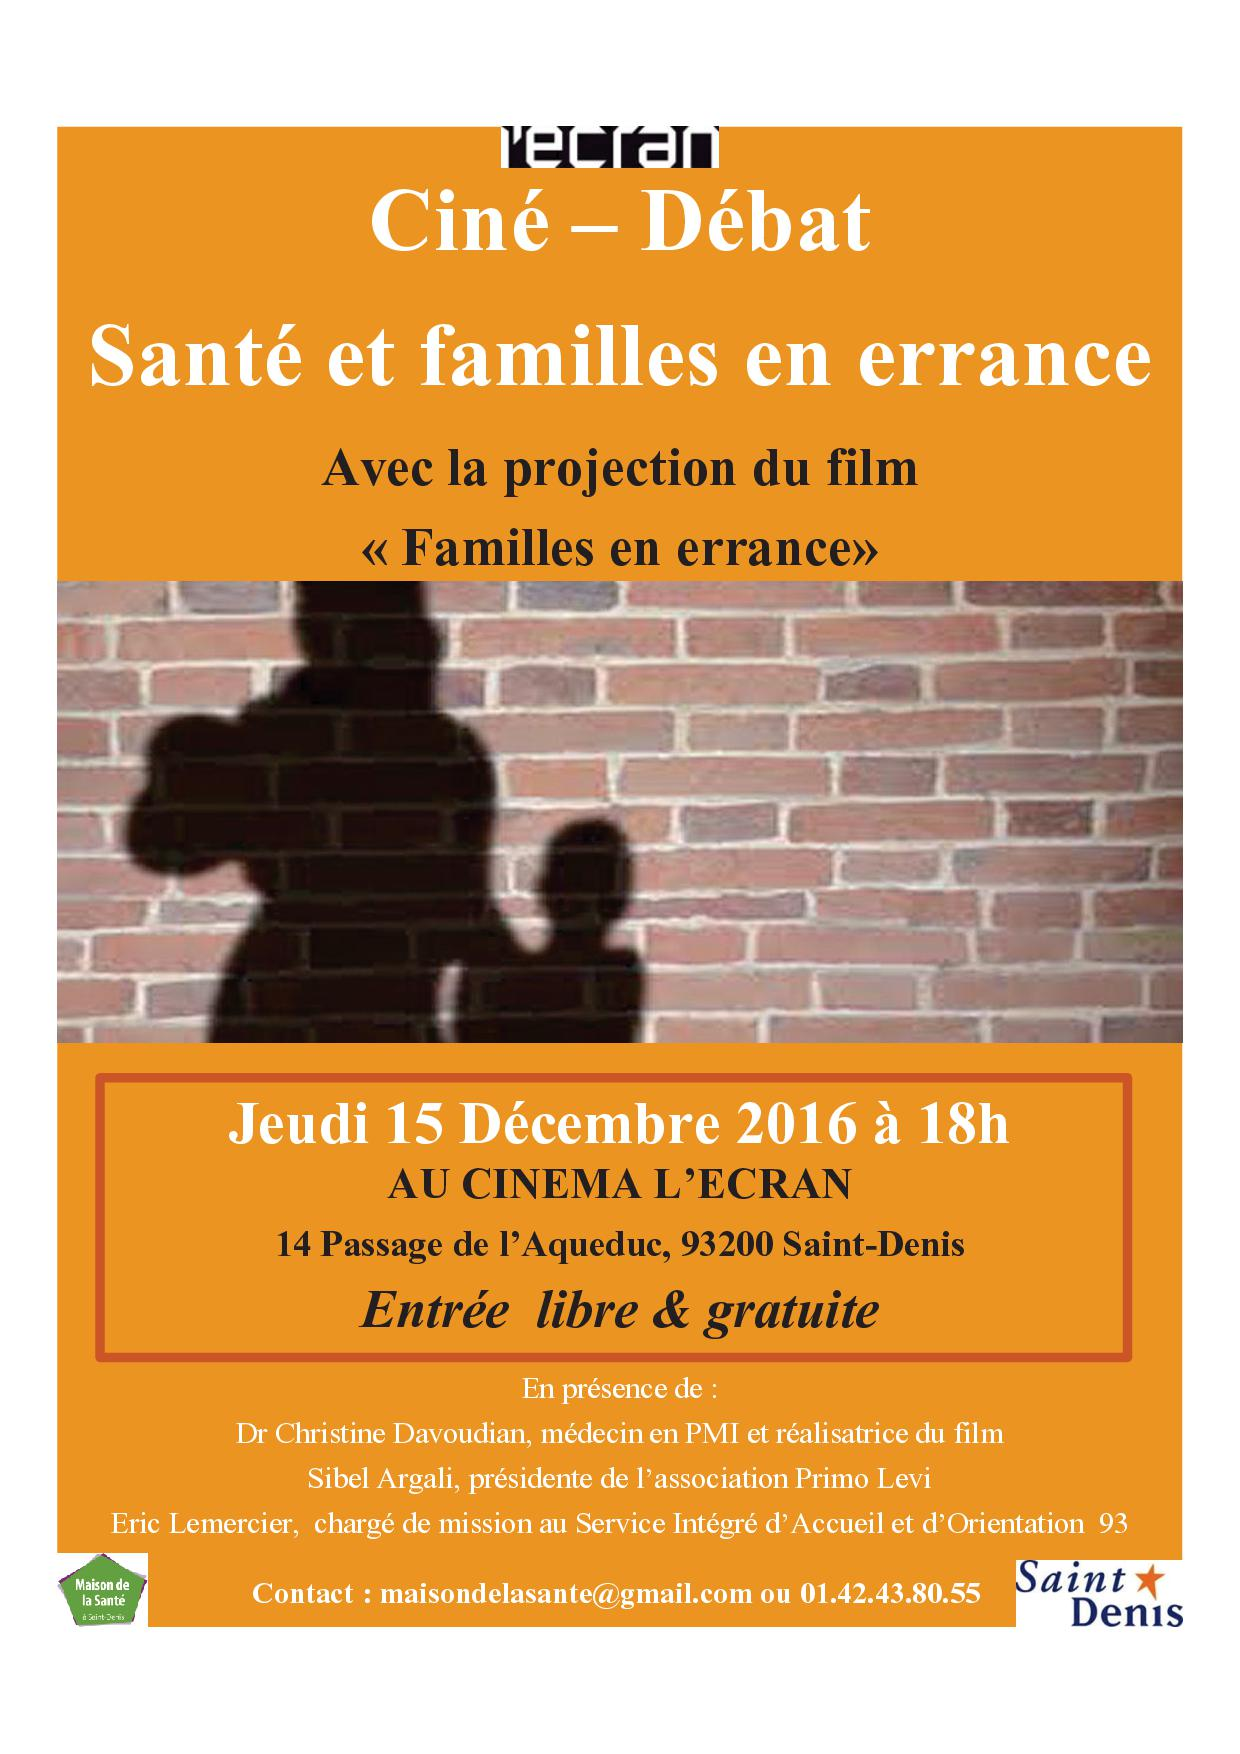 """Ciné débat """"Santé et familles en errance"""" 15 Décembre 2016"""